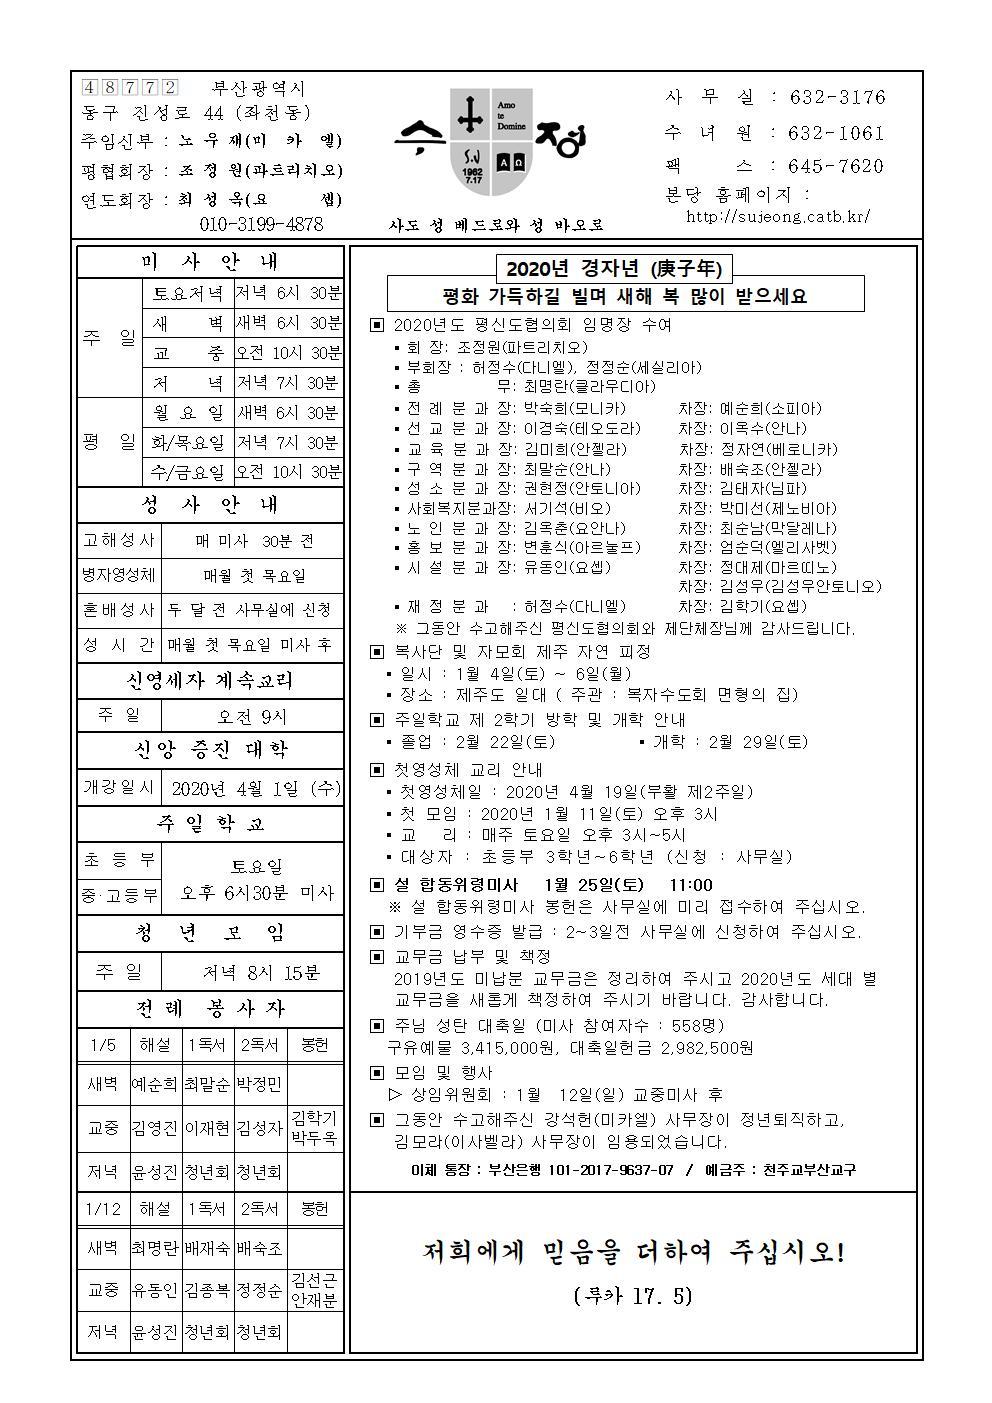 수정20200105001.jpg